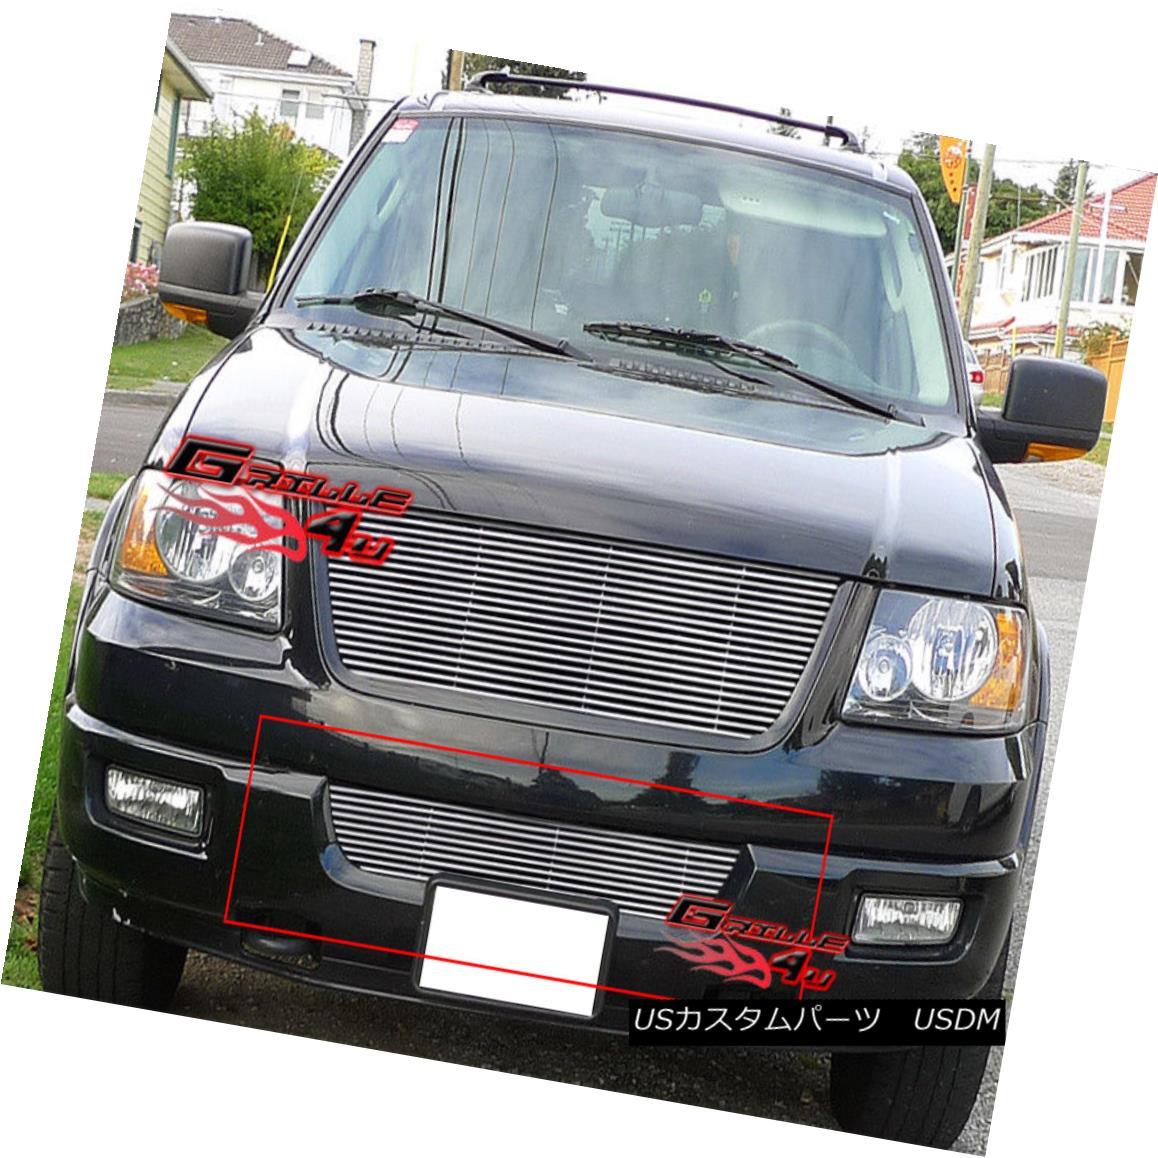 グリル Fits 2003-2006 Ford Expedition Lower Bumper Billet Grille Insert 2003-2006 Ford Expeditionロワーバンパービレットグリルインサート